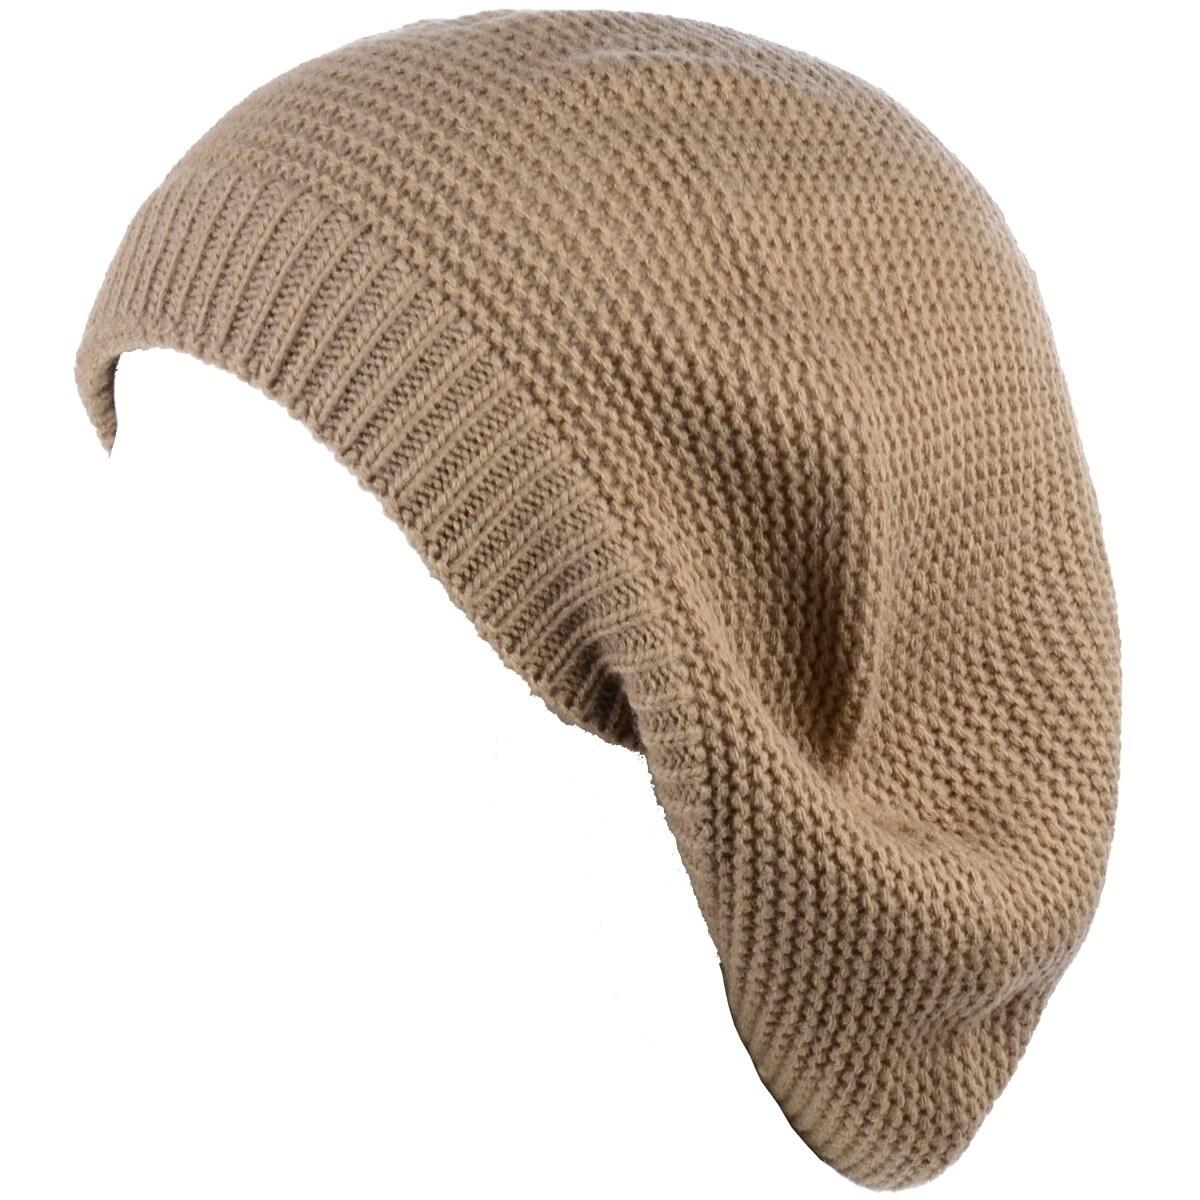 nouvelle saison Quantité limitée professionnel de la vente à chaud BYOS Chic French Style Lightweight Soft Slouchy Knit Beret Beanie Hat in  Solid